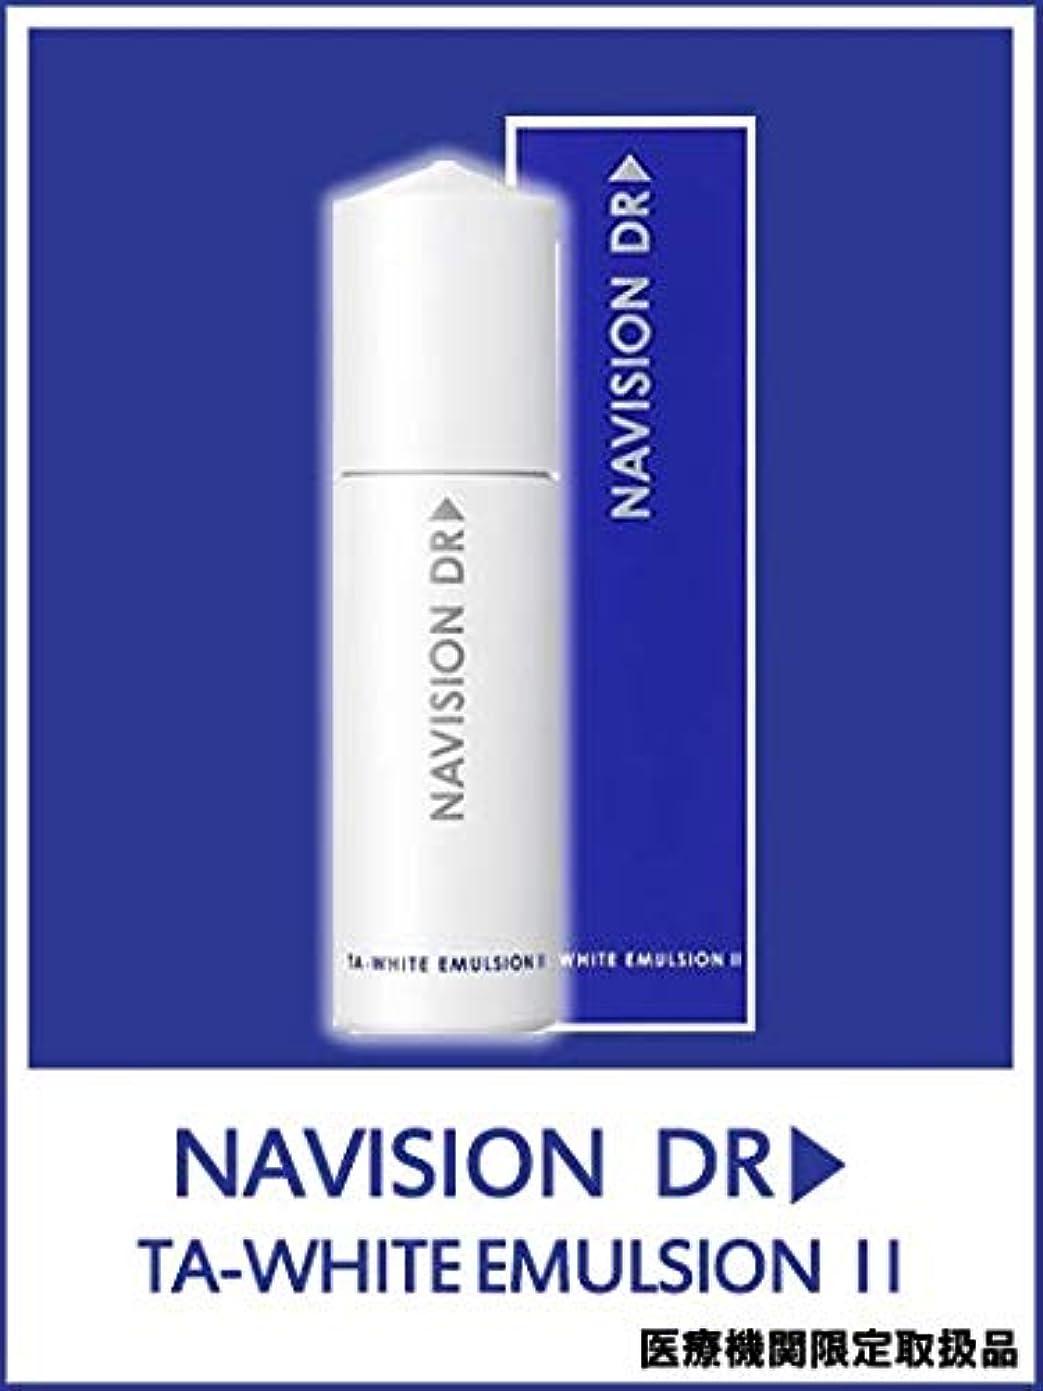 決定痛い調査NAVISION DR? ナビジョンDR TAホワイトエマルジョンⅡnしっとりうるおうタイプ(医薬部外品) 120mL